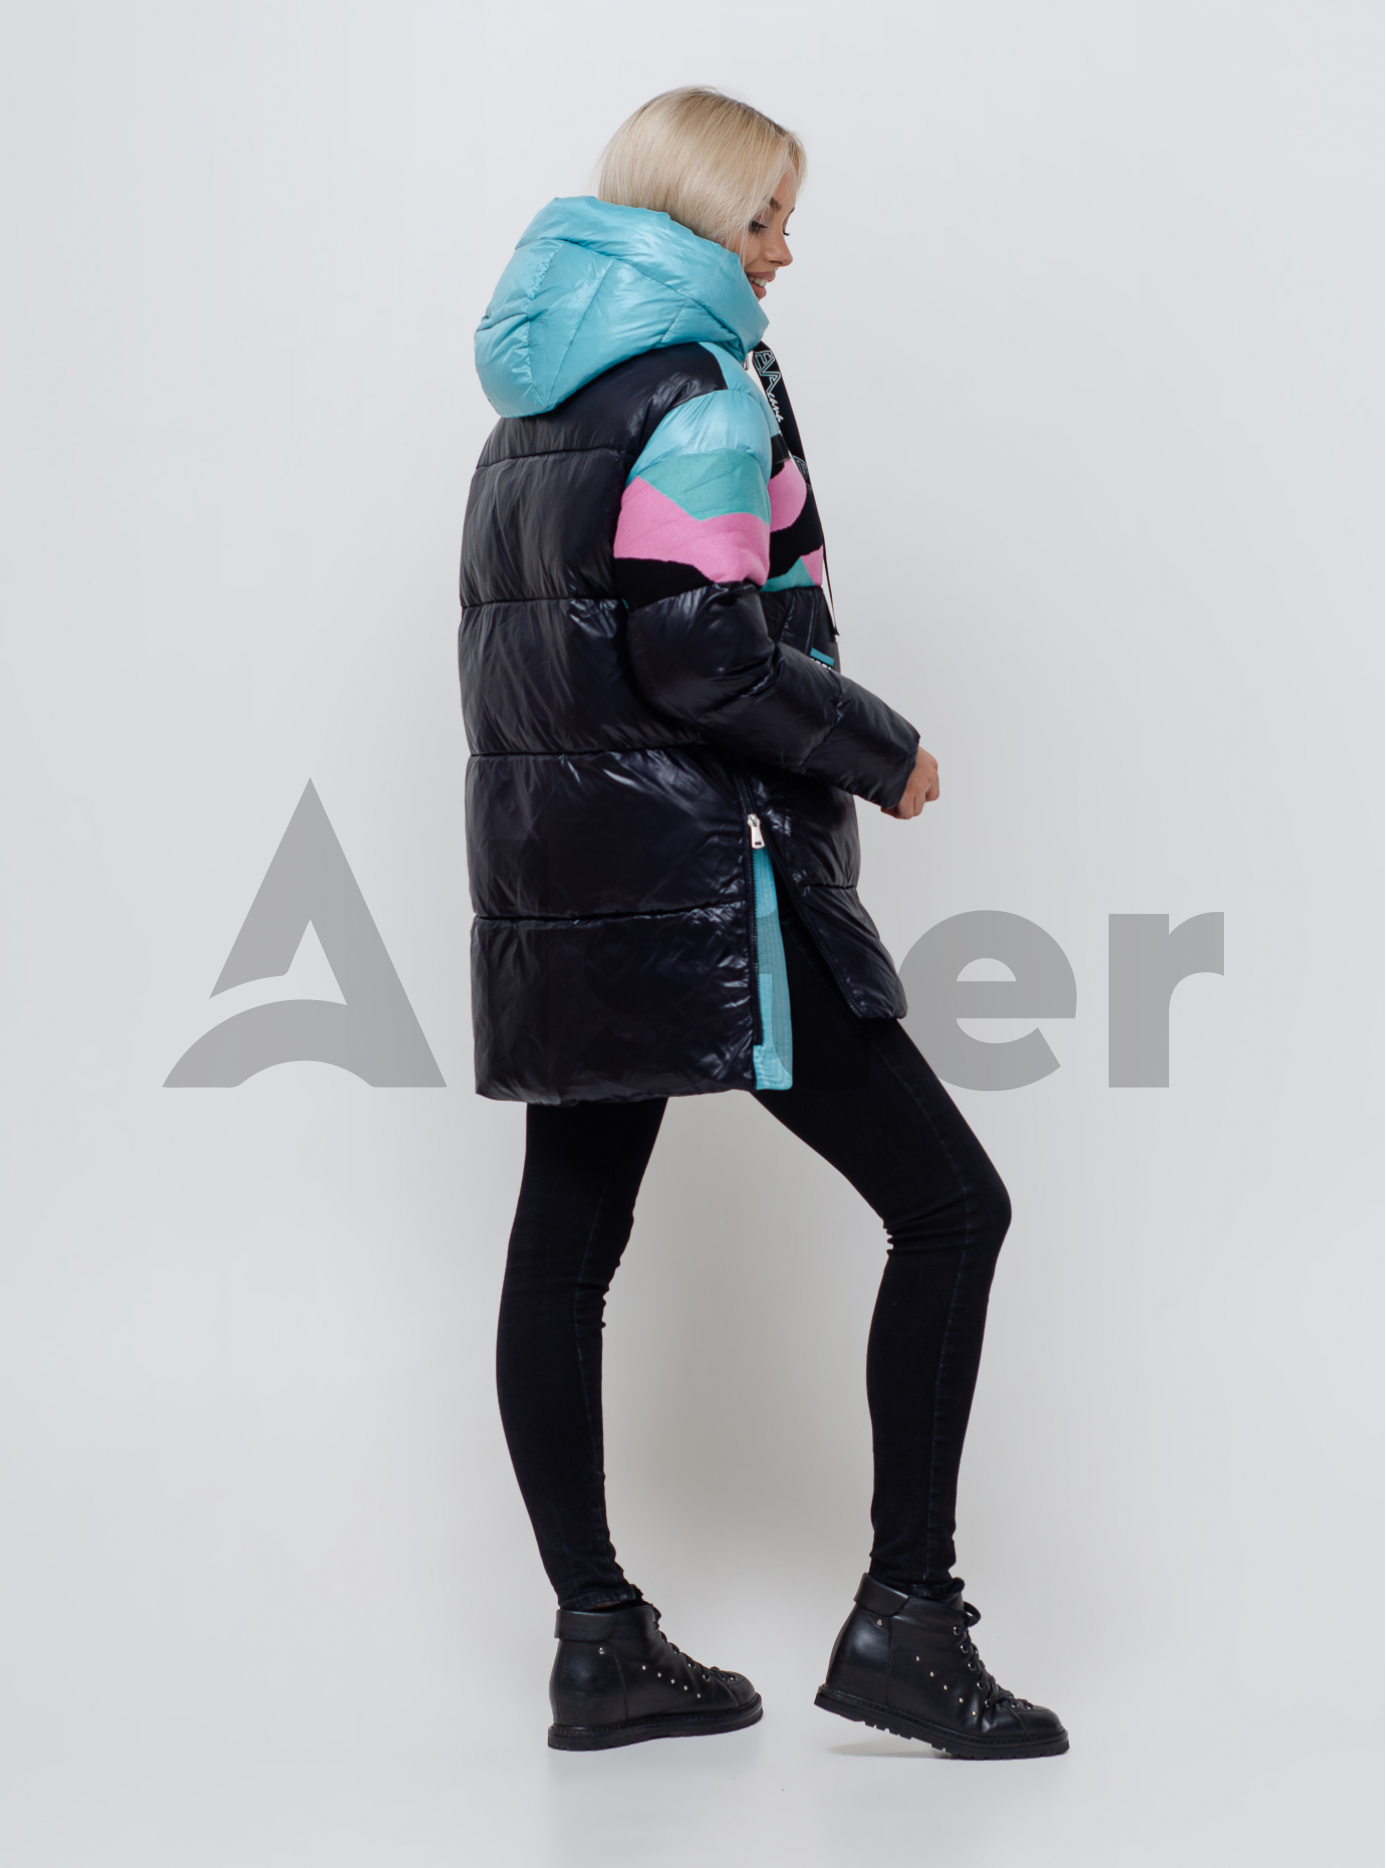 Зимняя женская куртка Чёрный 40 (06-KL201011): фото - Alster.ua